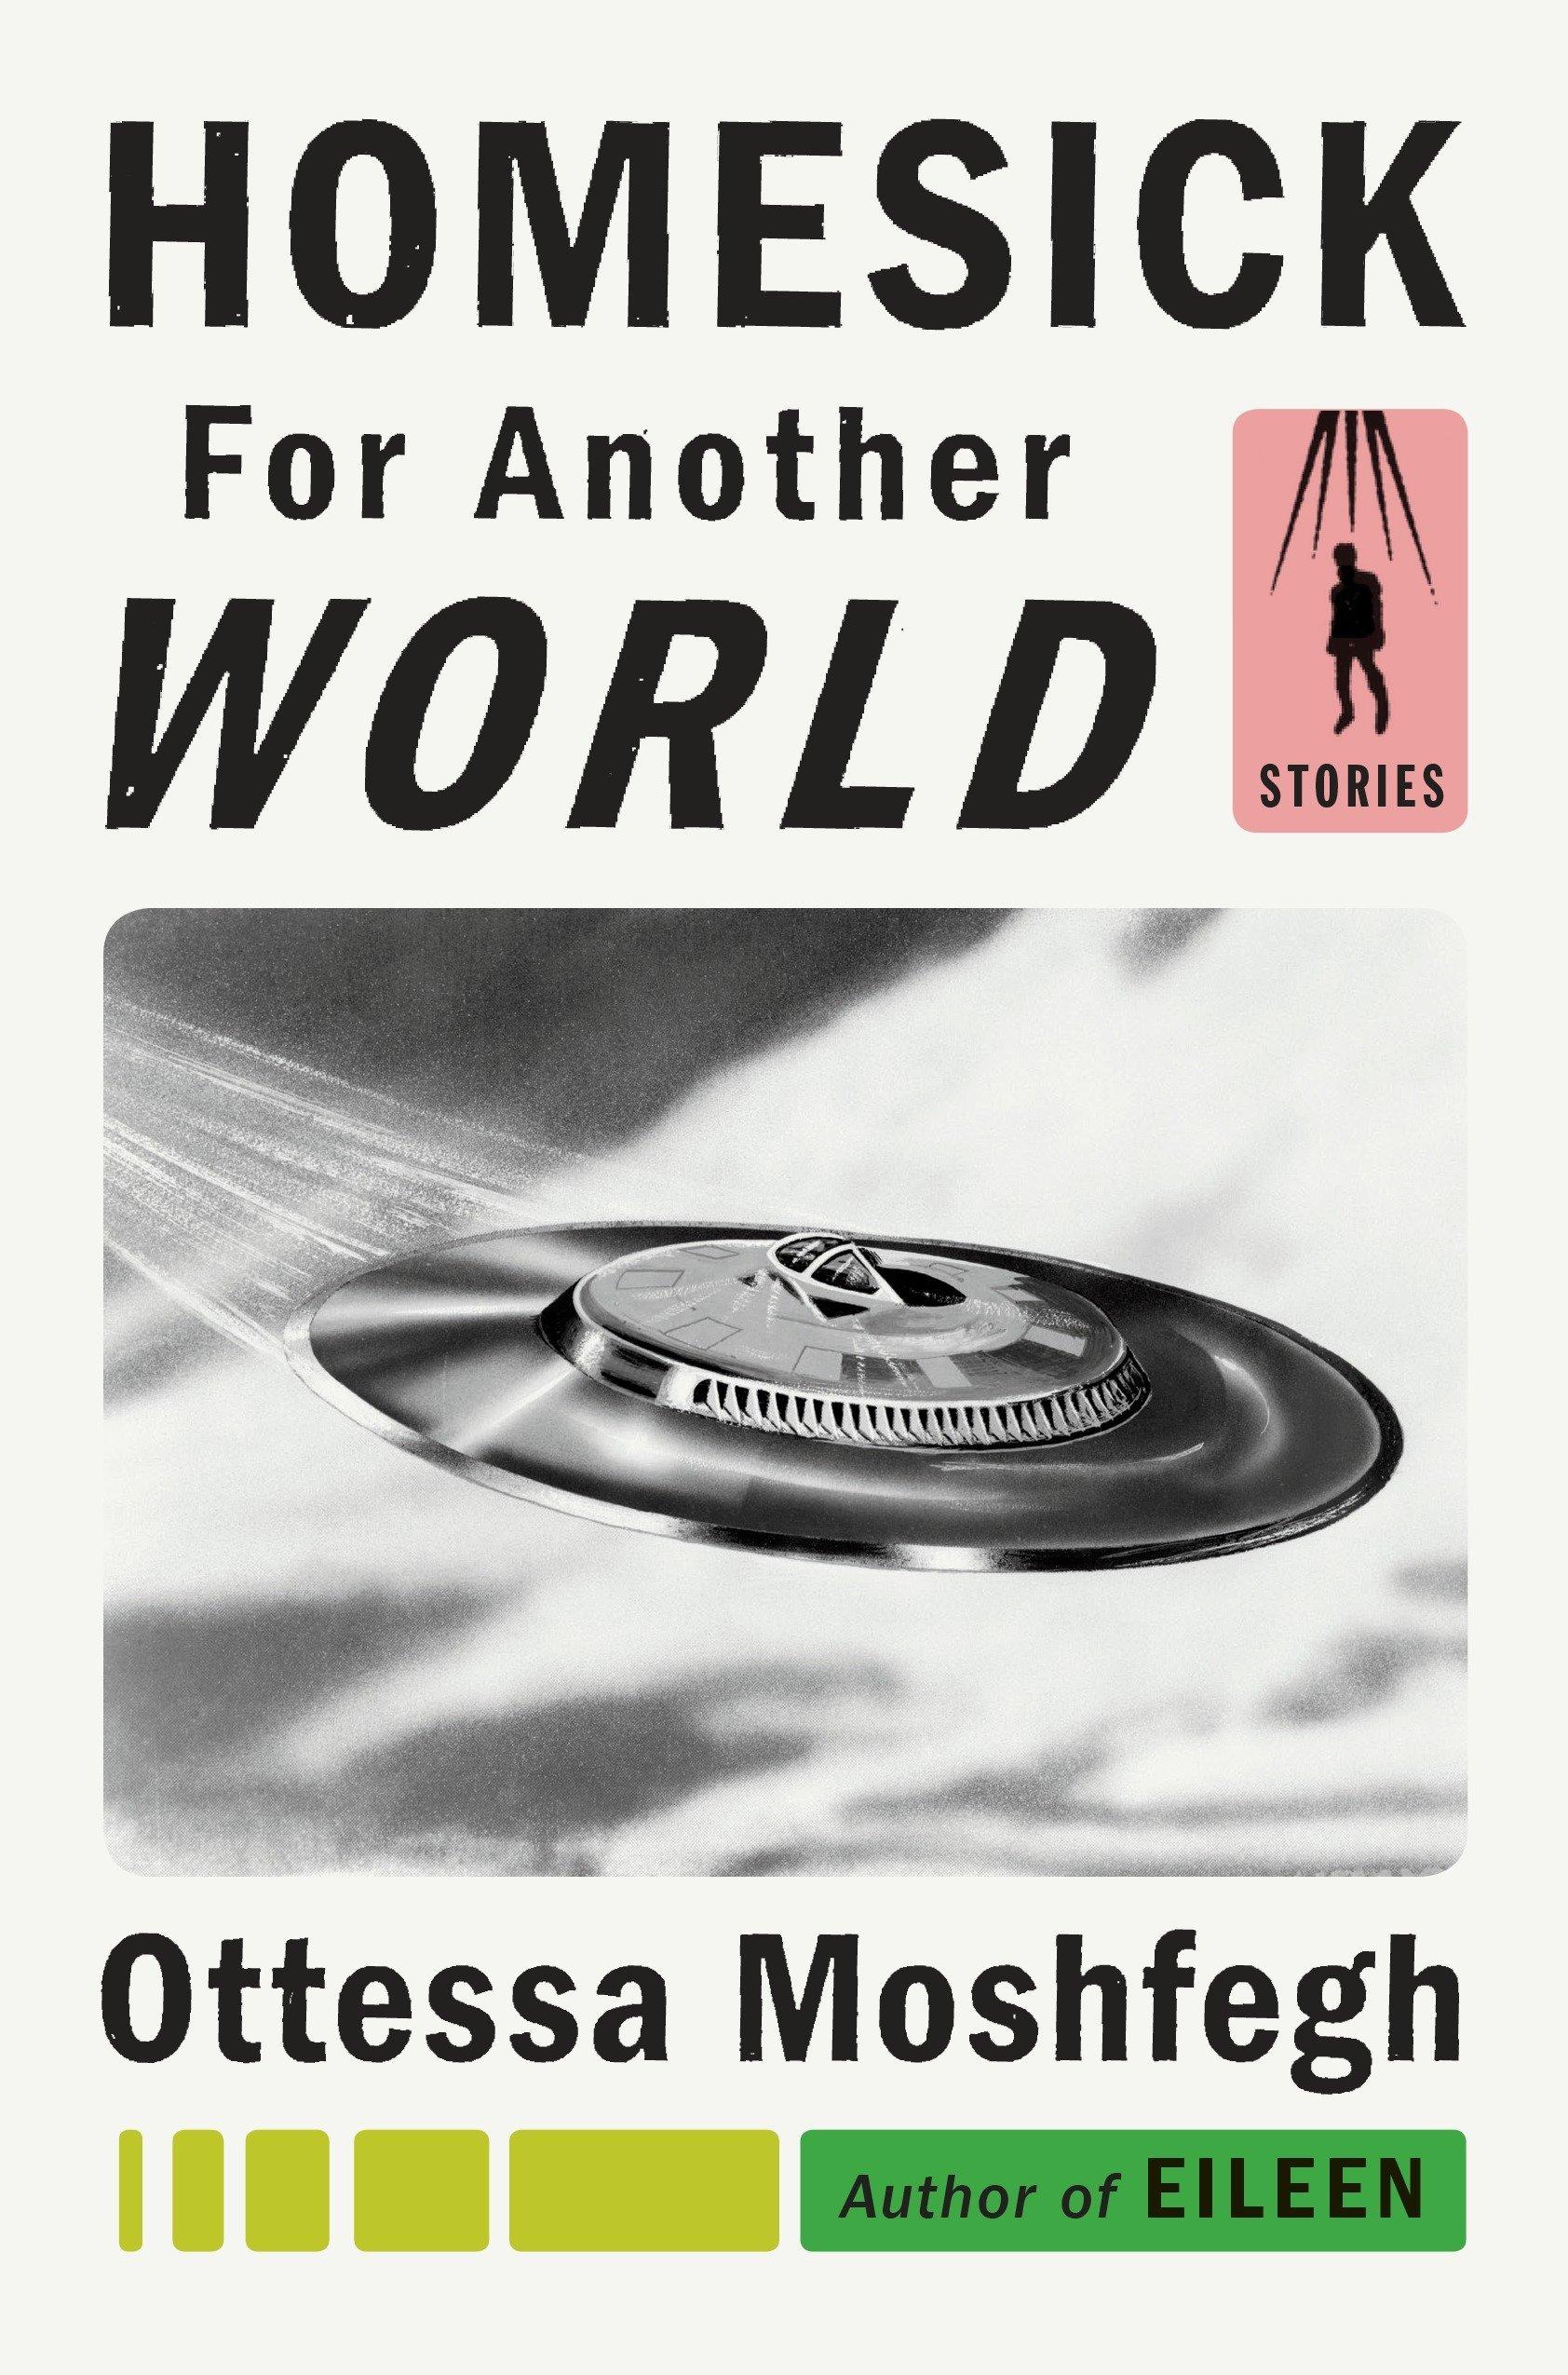 homesick for a better world ottessa moshfegh